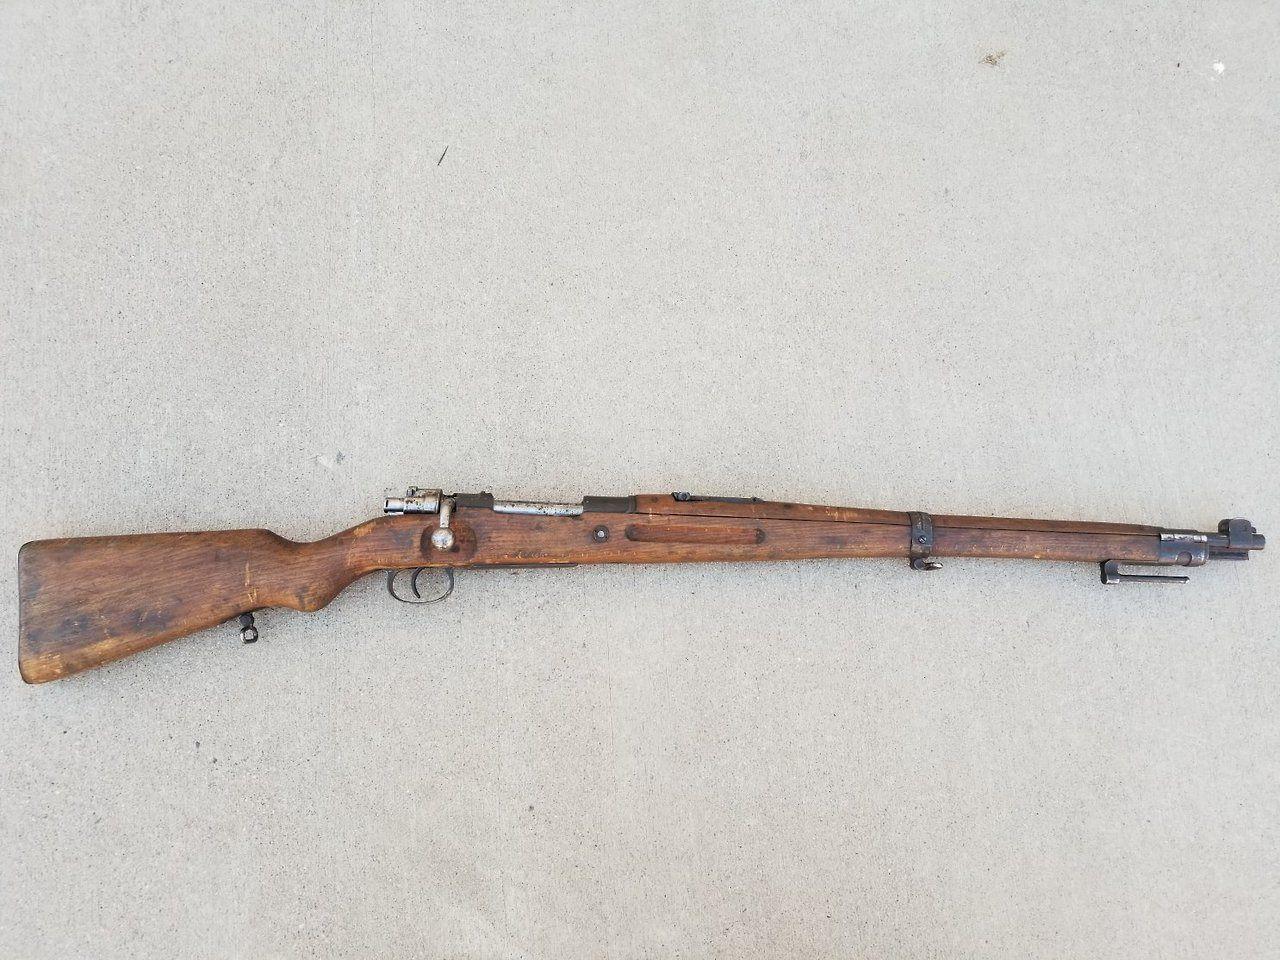 TipsyLathes — gunrunnerhell: Kar98a A Polish Mauser that is